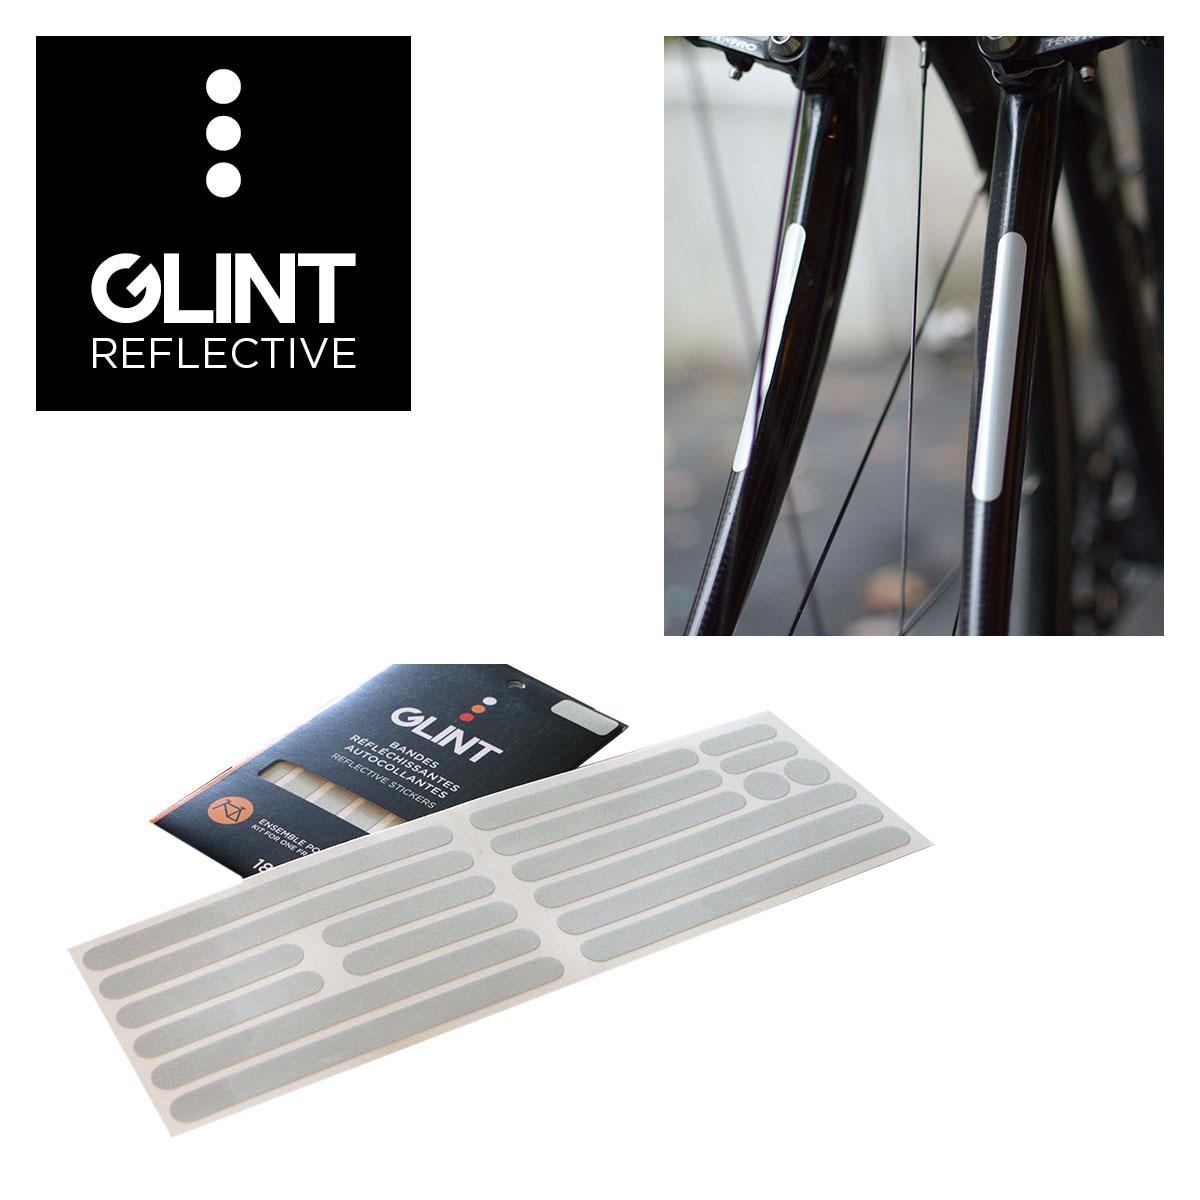 ENSEMBLE DE COLLANTS REFLECHISSANTS POUR CADRE GLINT REFLECTIVE BLANC